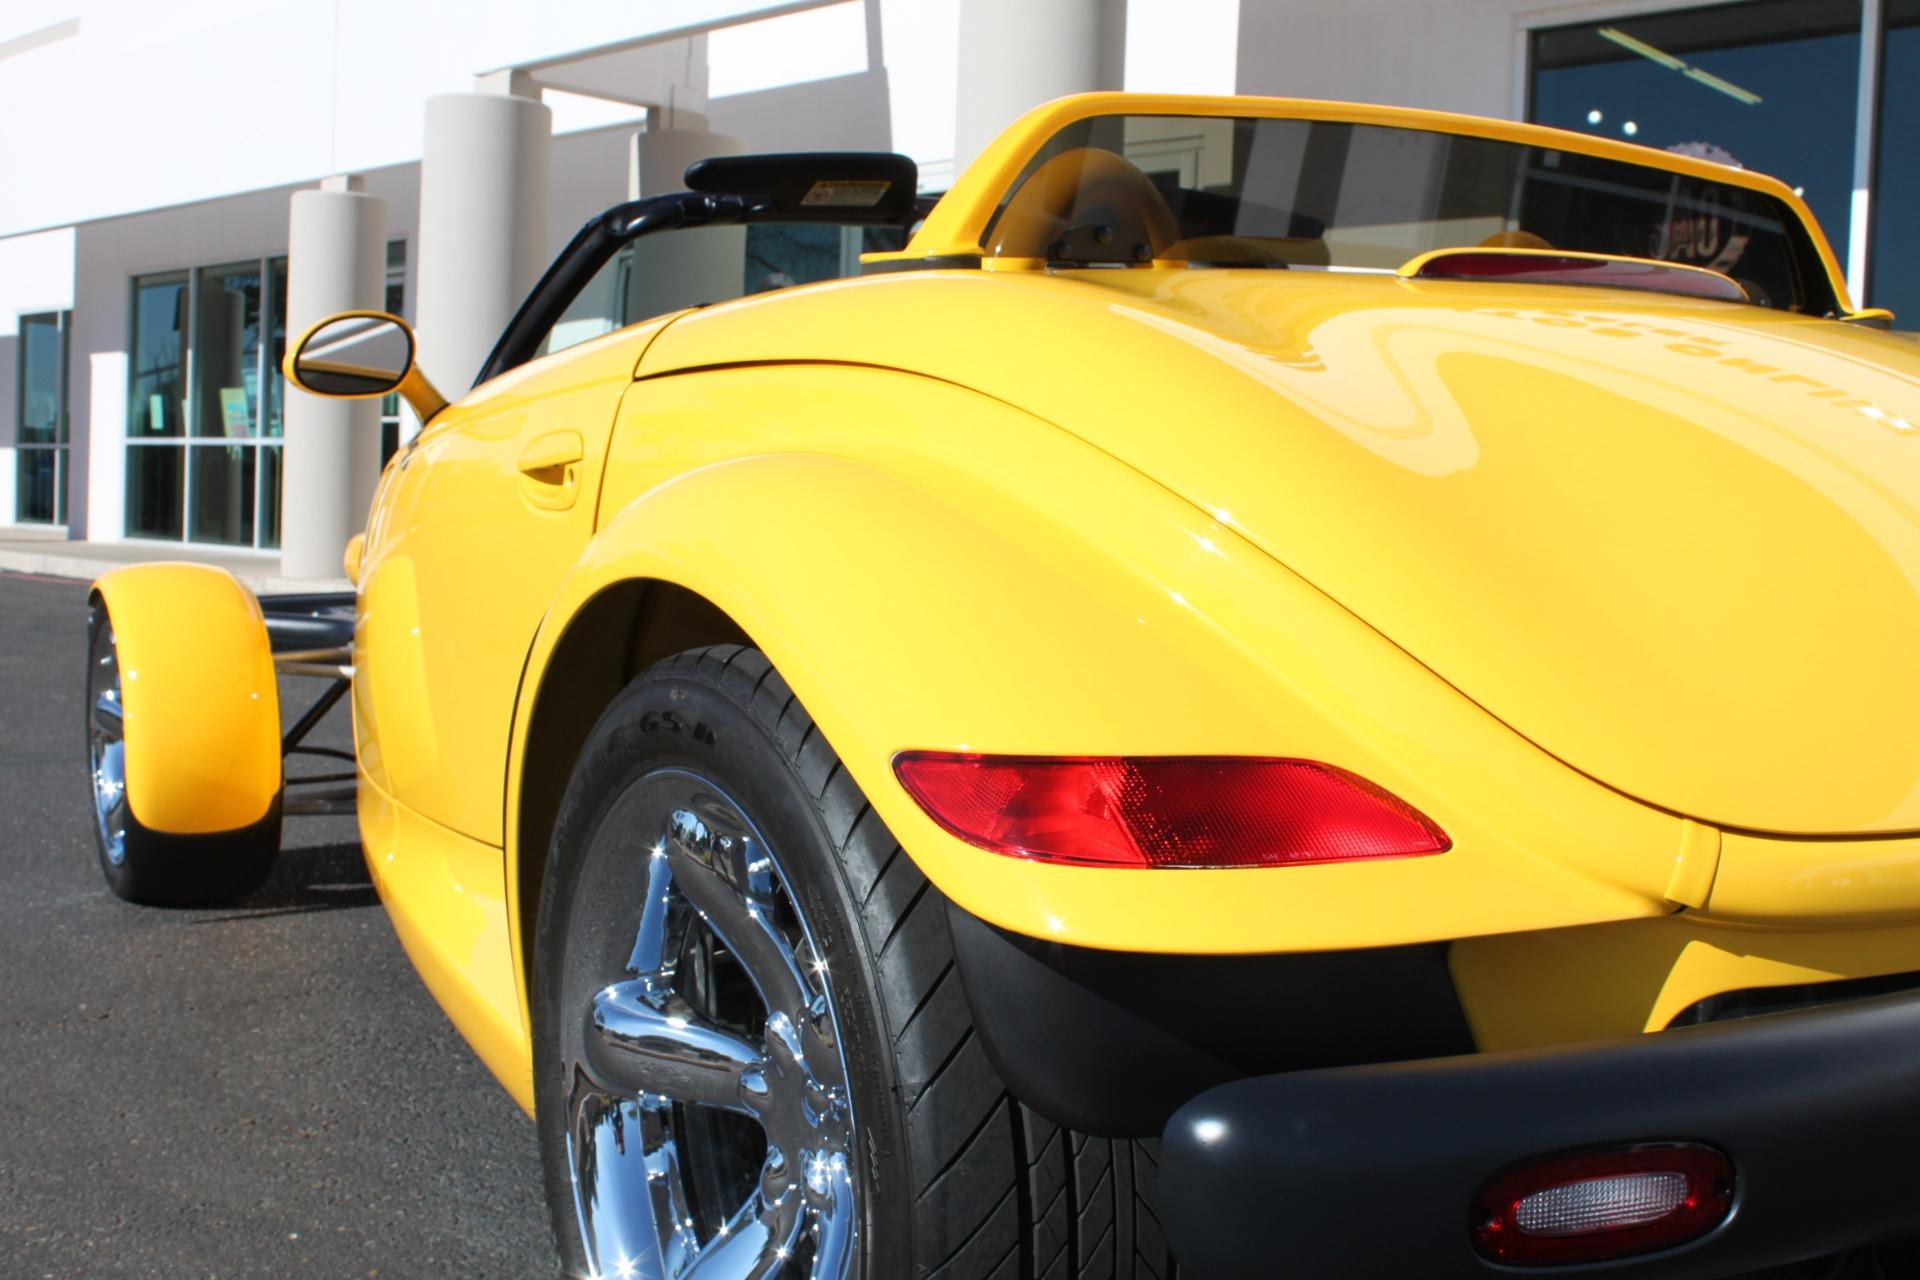 Used-2002-Chrysler-Prowler-Chevrolet